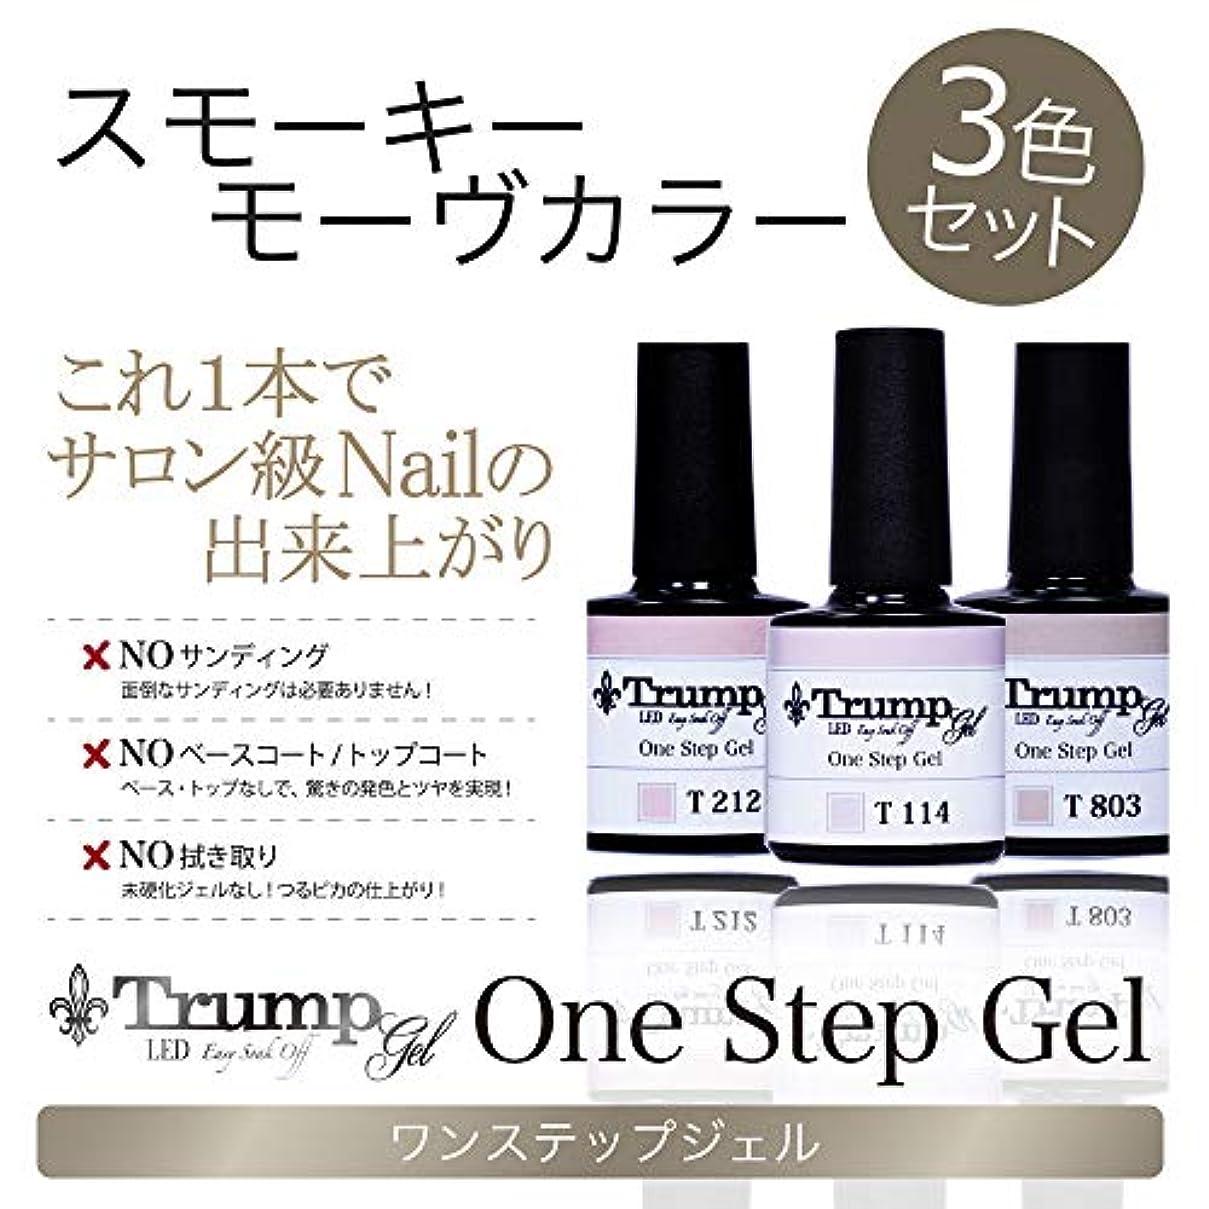 【日本製】Trump gel トランプジェル ワンステップジェル ジェルネイル カラージェル 3点 セット スモーキーモーヴ ボルドー マーブル (スモーキーモーヴカラーセット)